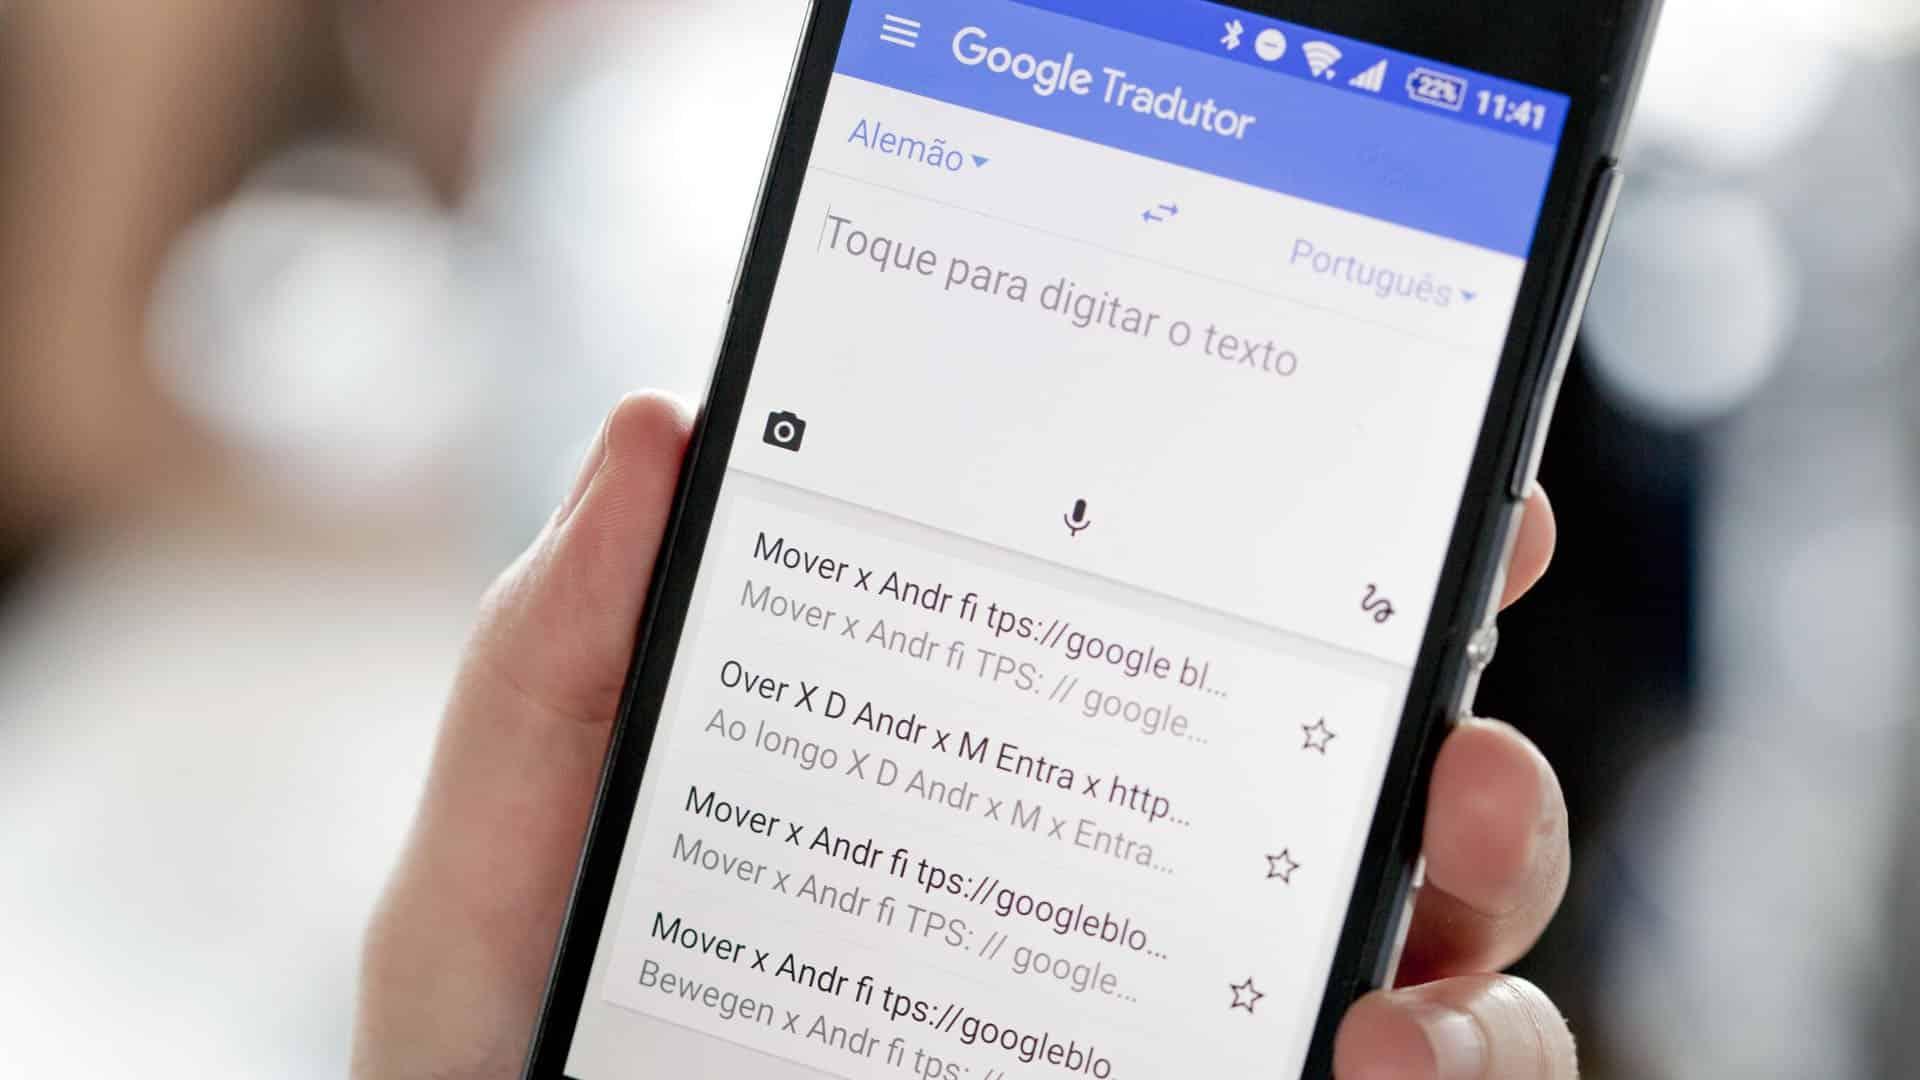 Como traduzir voz e imagem pelo celular com Google Tradutor